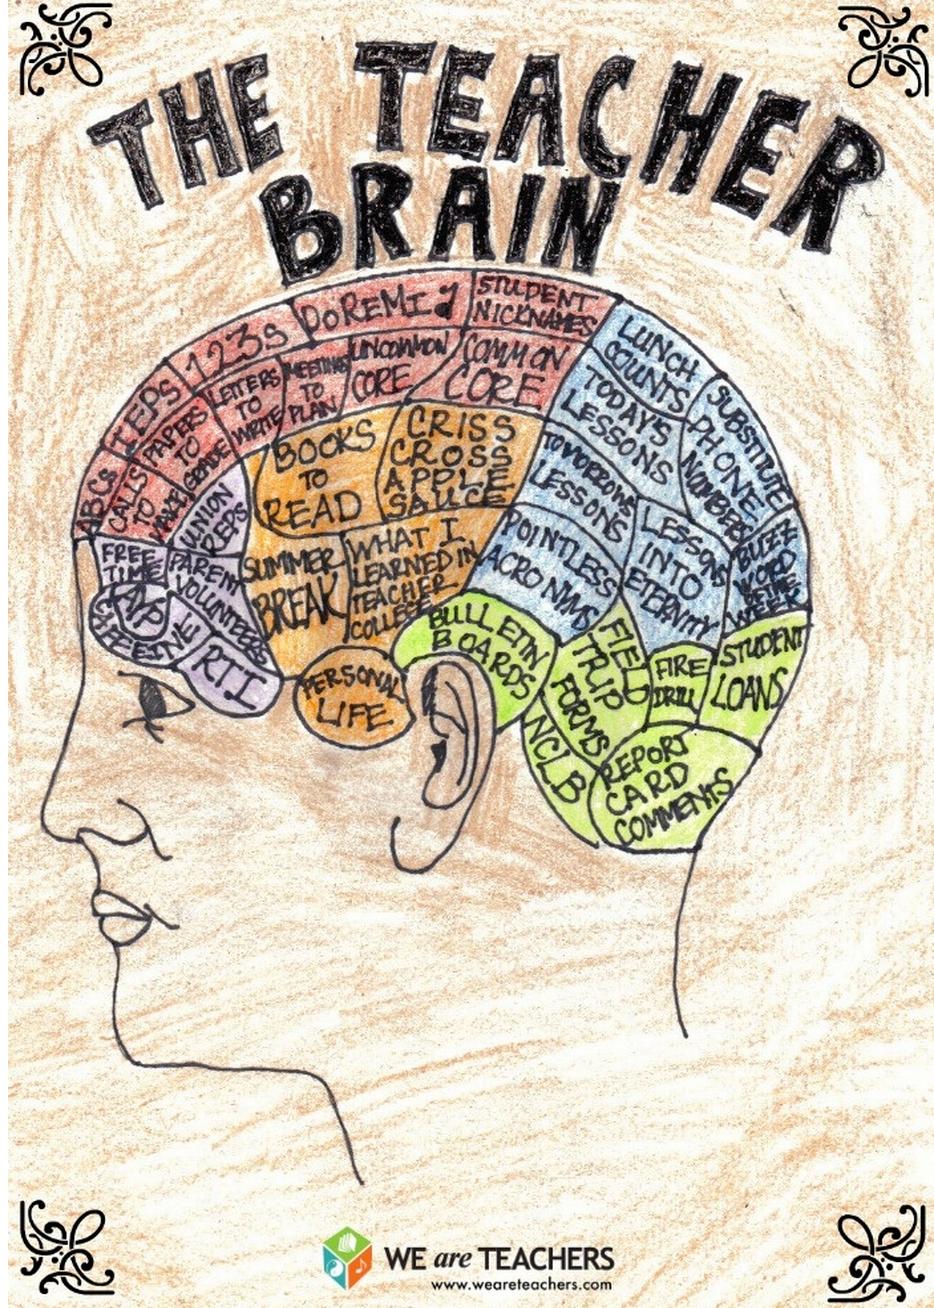 Anatomy of Teachers\' Brain | Humor | Pinterest | Mobile learning ...